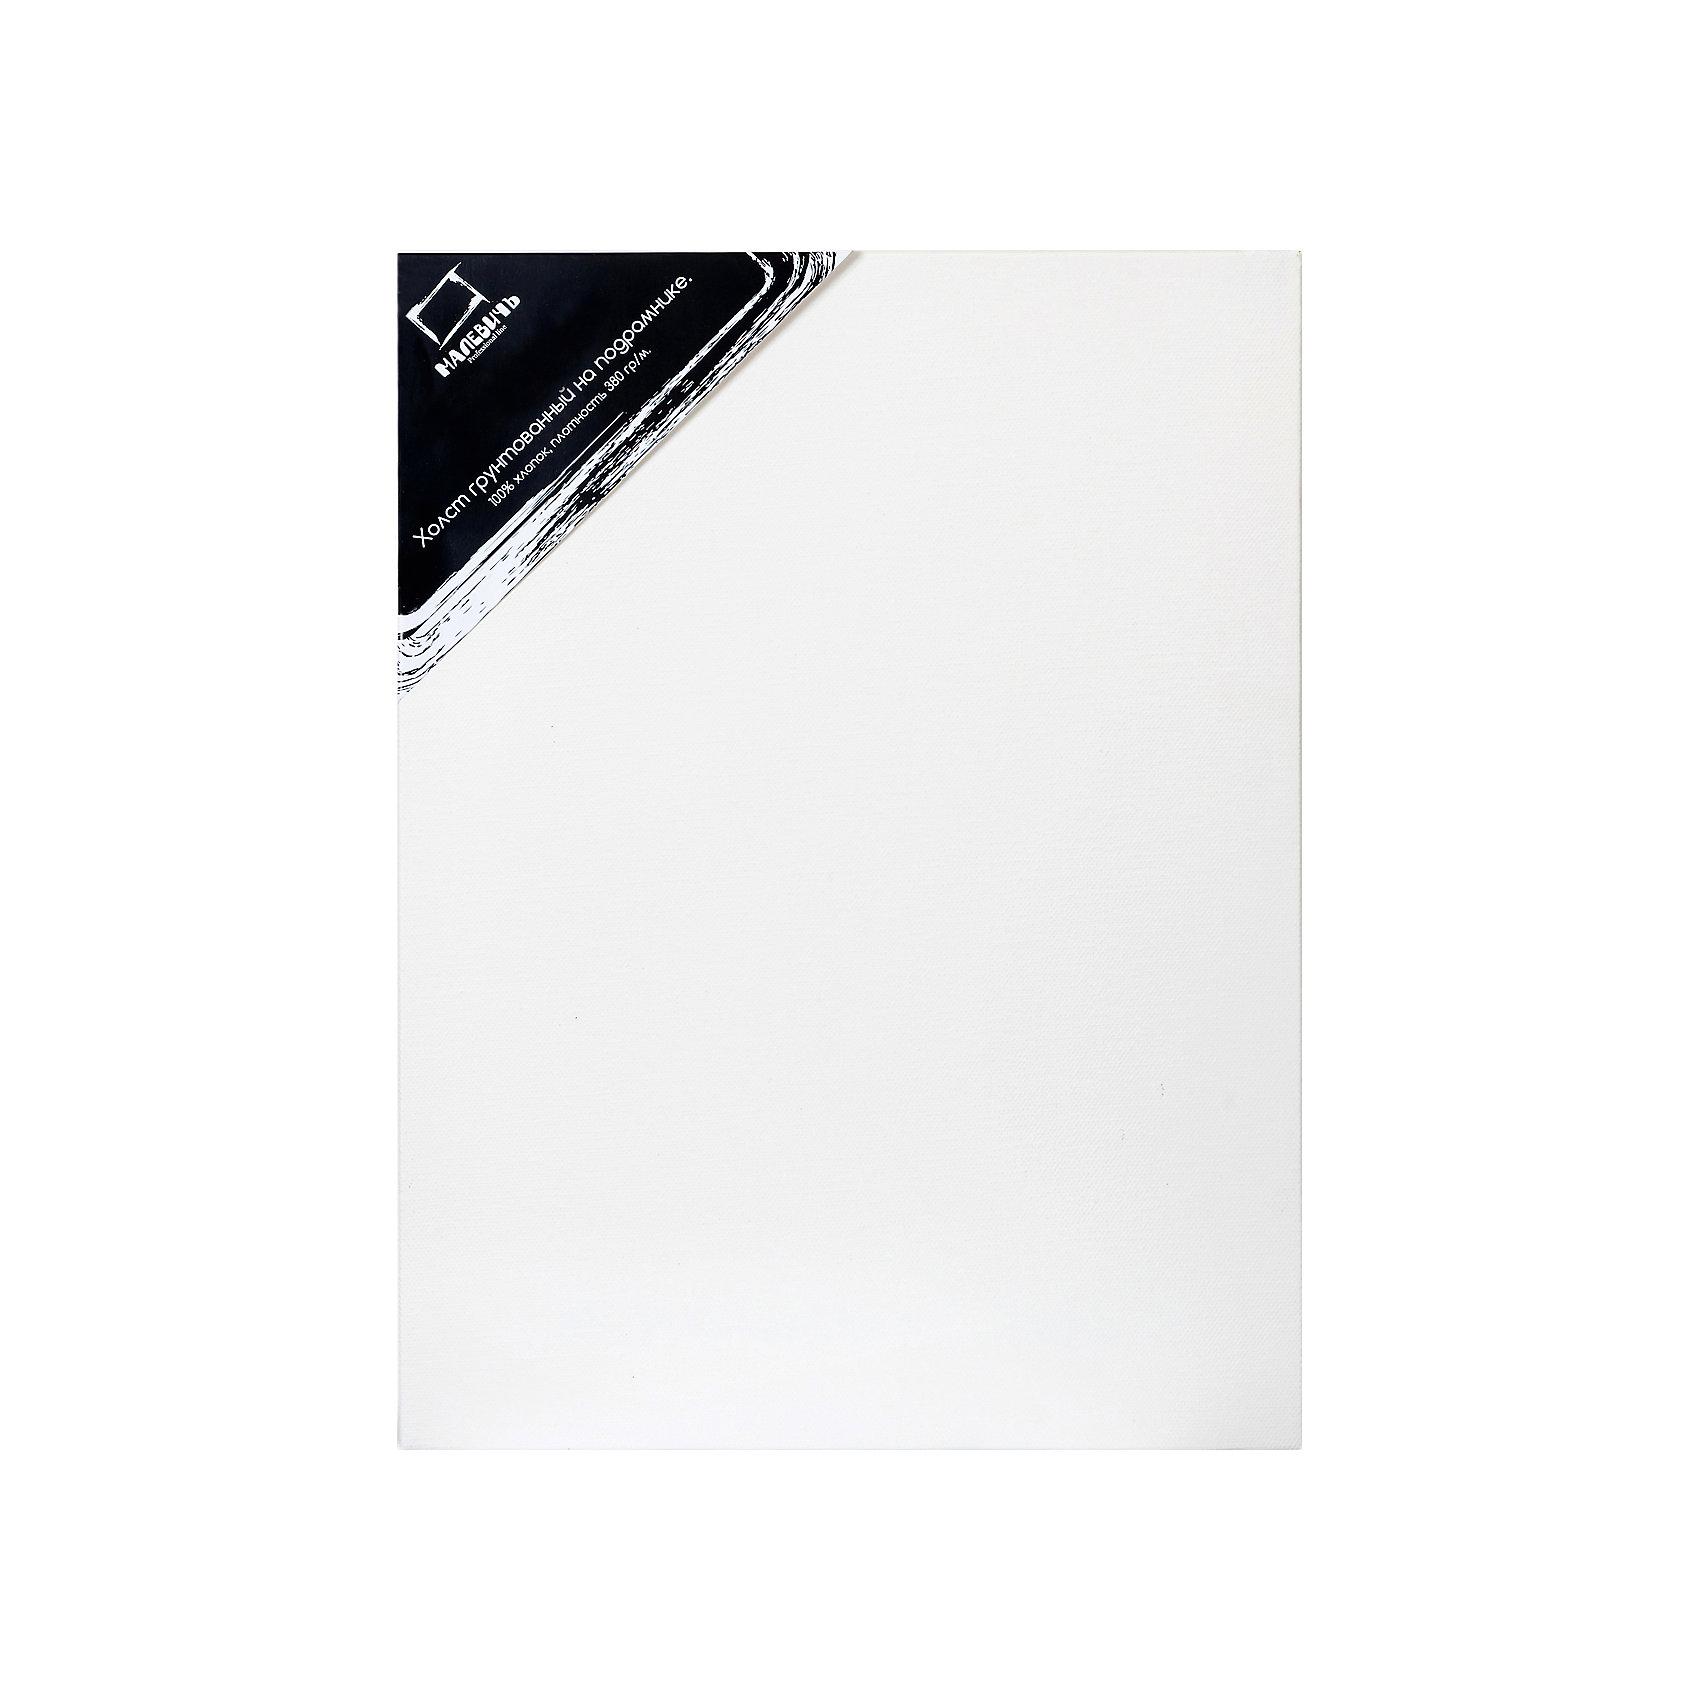 Холст на подрамнике Малевичъ, хлопок 380 гр, 40x60 смХолсты<br>Полностью готовые к работе холсты  для профессиональной живописи. Представляют собой грунтованное среднезернистое полотно из 100% хлопка плотностью 380 г/кв. м, натянутое на деревянный подрамник. В комплект входят клинья, позволяющие регулировать степень натяжения полотна. Гладкая поверхность хлопкового полотна удобна для предварительных набросков, а повышенная плотность холста позволяет использовать его для картин большого формата. Все холсты Малевич изготавливаются из 100% натуральных материалов и проходят тестирование профессиональными художниками.<br><br>Холсты на подрамниках Малевич:<br><br>•    изготовлены из плотного натурального полотна без узелков и неровностей<br>•    профессионально натянуты и загрунтованы<br>•    экономят время художника – сразу же можно приступать к работе<br>•    подходят для любого вида красок, кроме акварельных (для которых у нас есть Акварельные холсты)<br>•    гладкая поверхность удобна для карандашных набросков<br><br>Ширина мм: 400<br>Глубина мм: 600<br>Высота мм: 20<br>Вес г: 450<br>Возраст от месяцев: 84<br>Возраст до месяцев: 2147483647<br>Пол: Унисекс<br>Возраст: Детский<br>SKU: 6757434